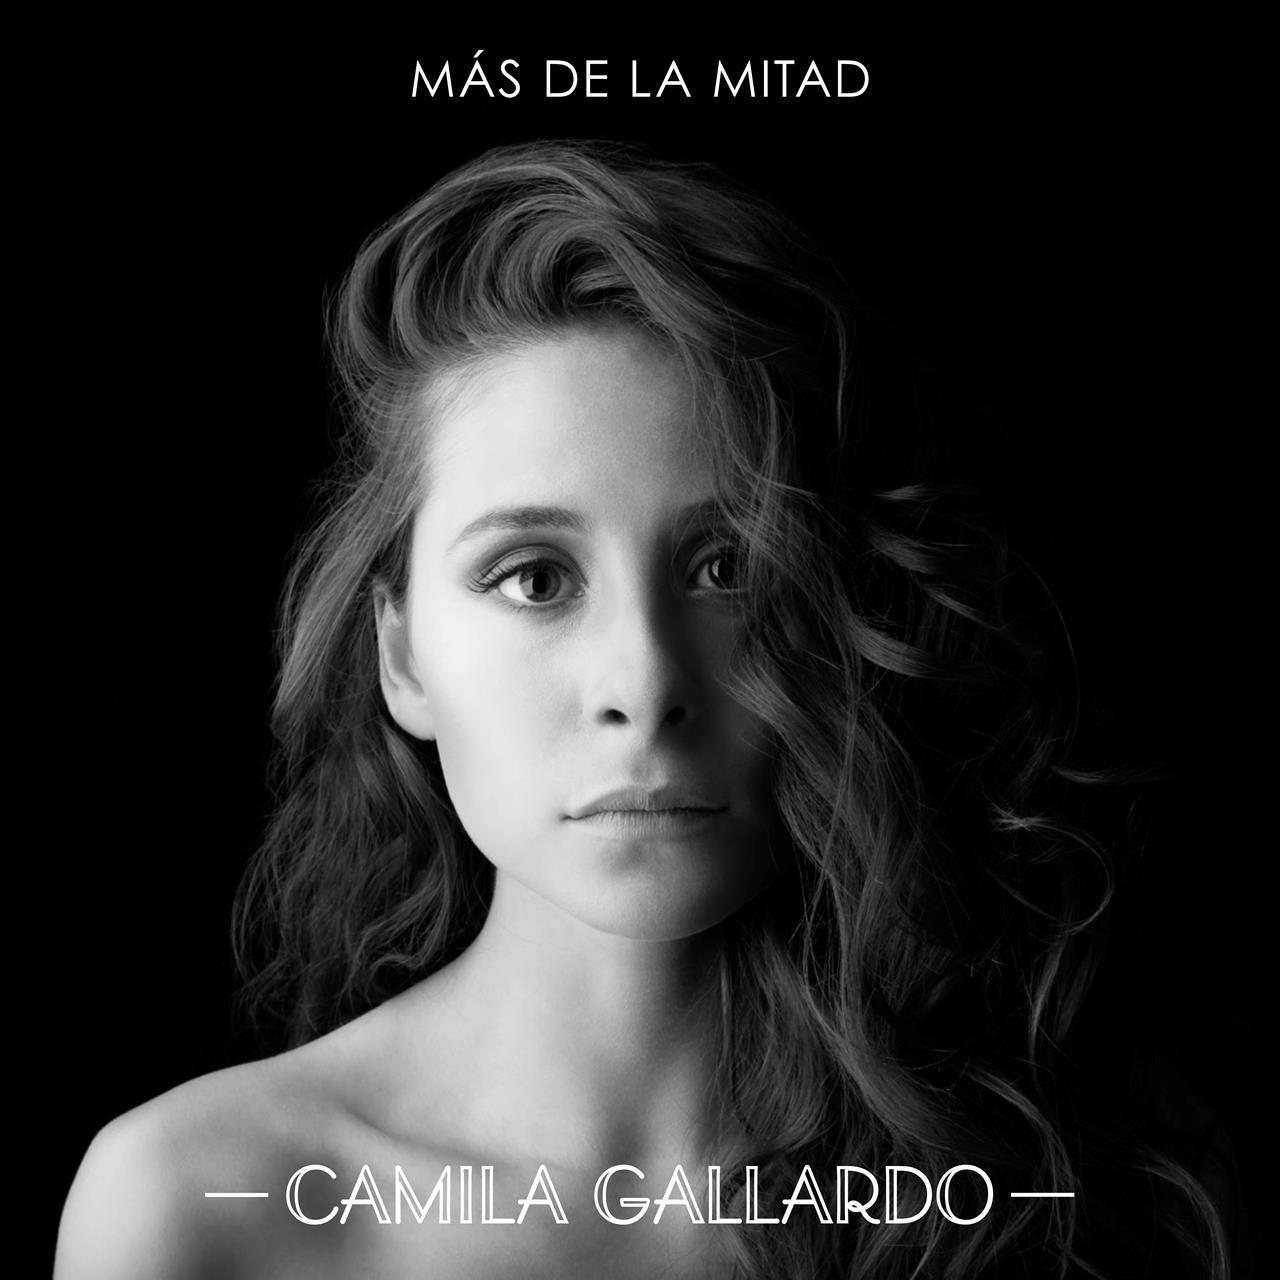 Camila Gallardo | Más de la mitad